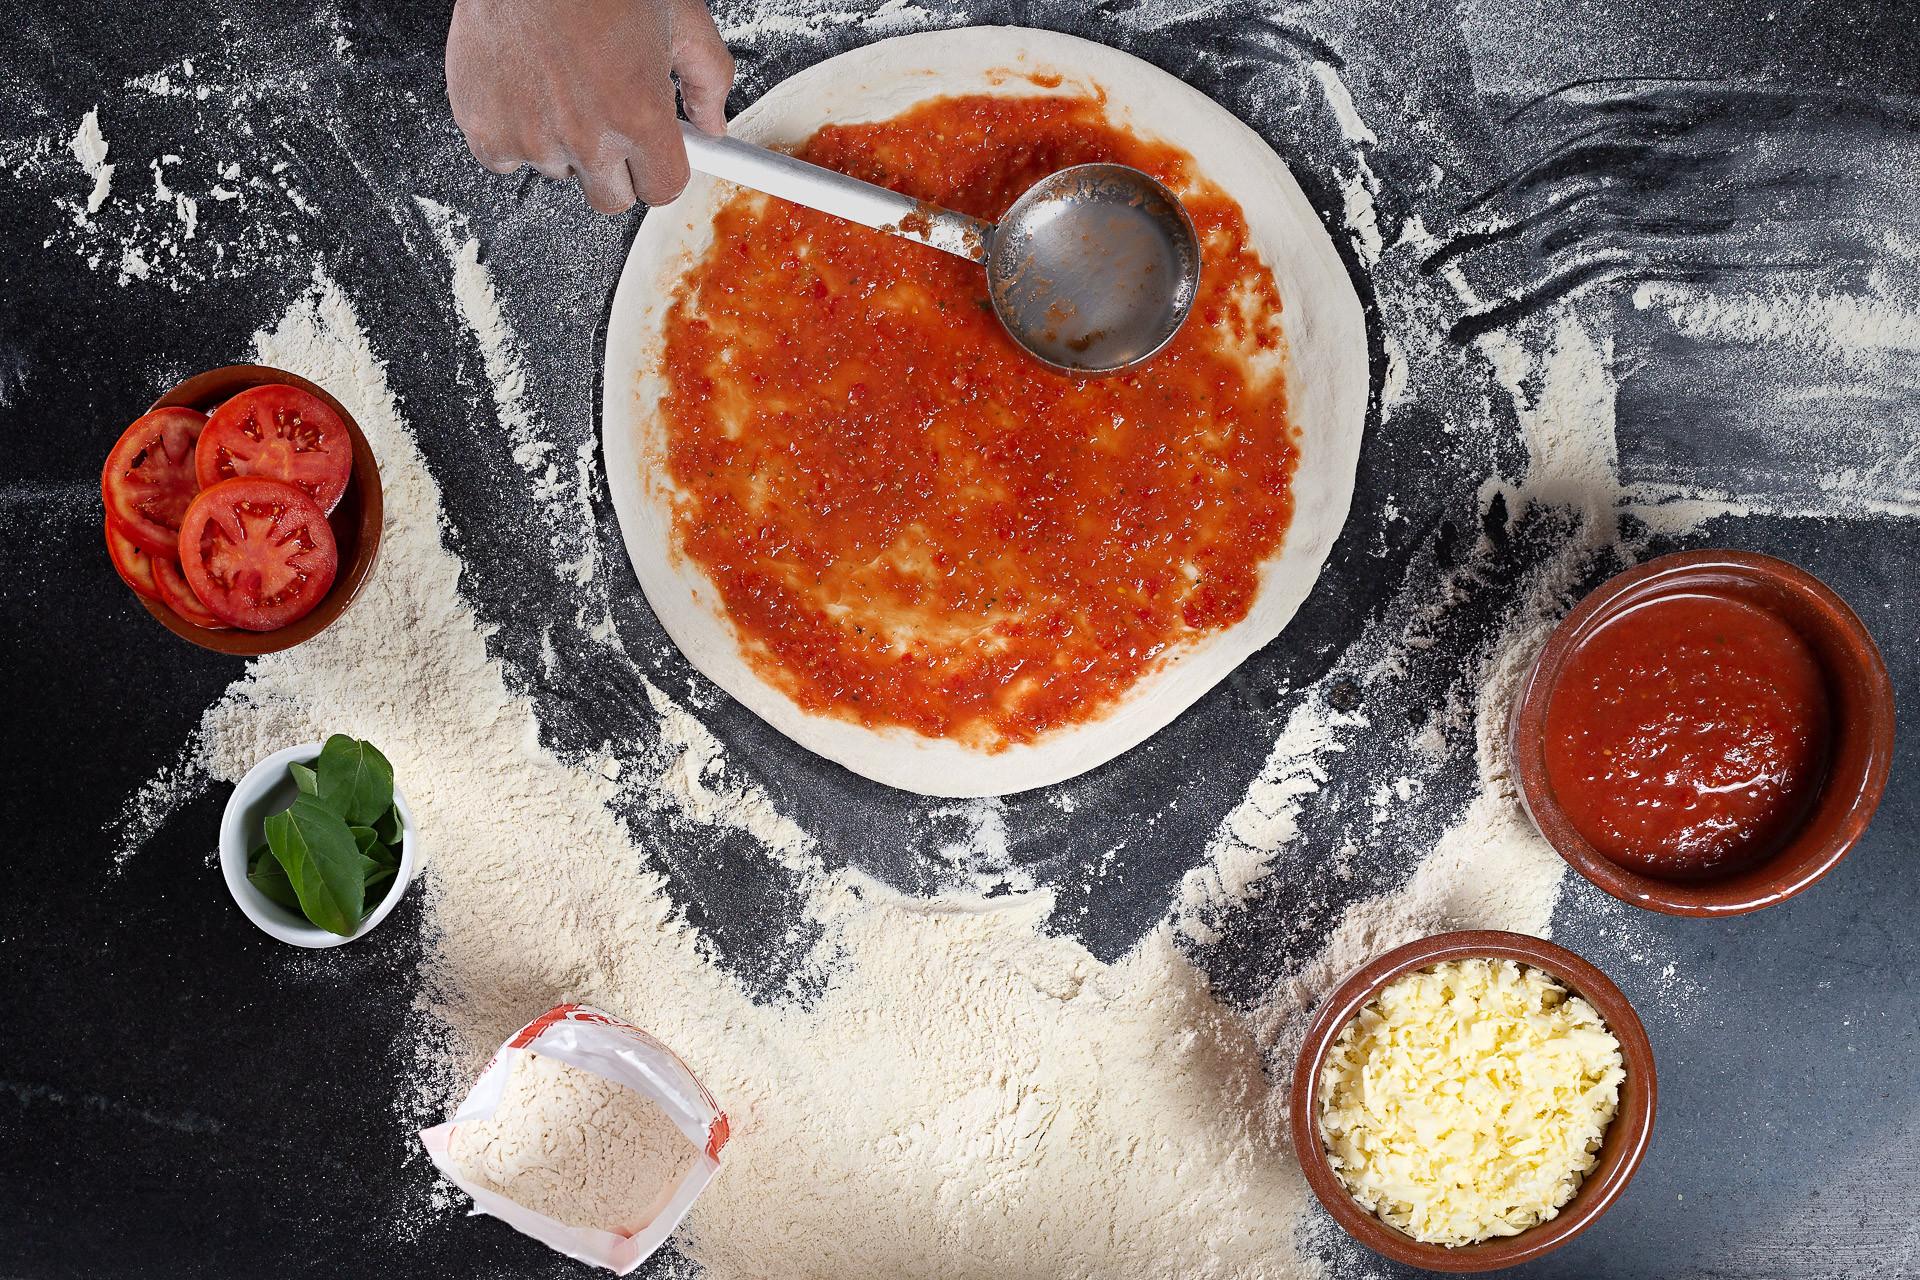 180711_Pizzeria-Italy_397_PS.jpg